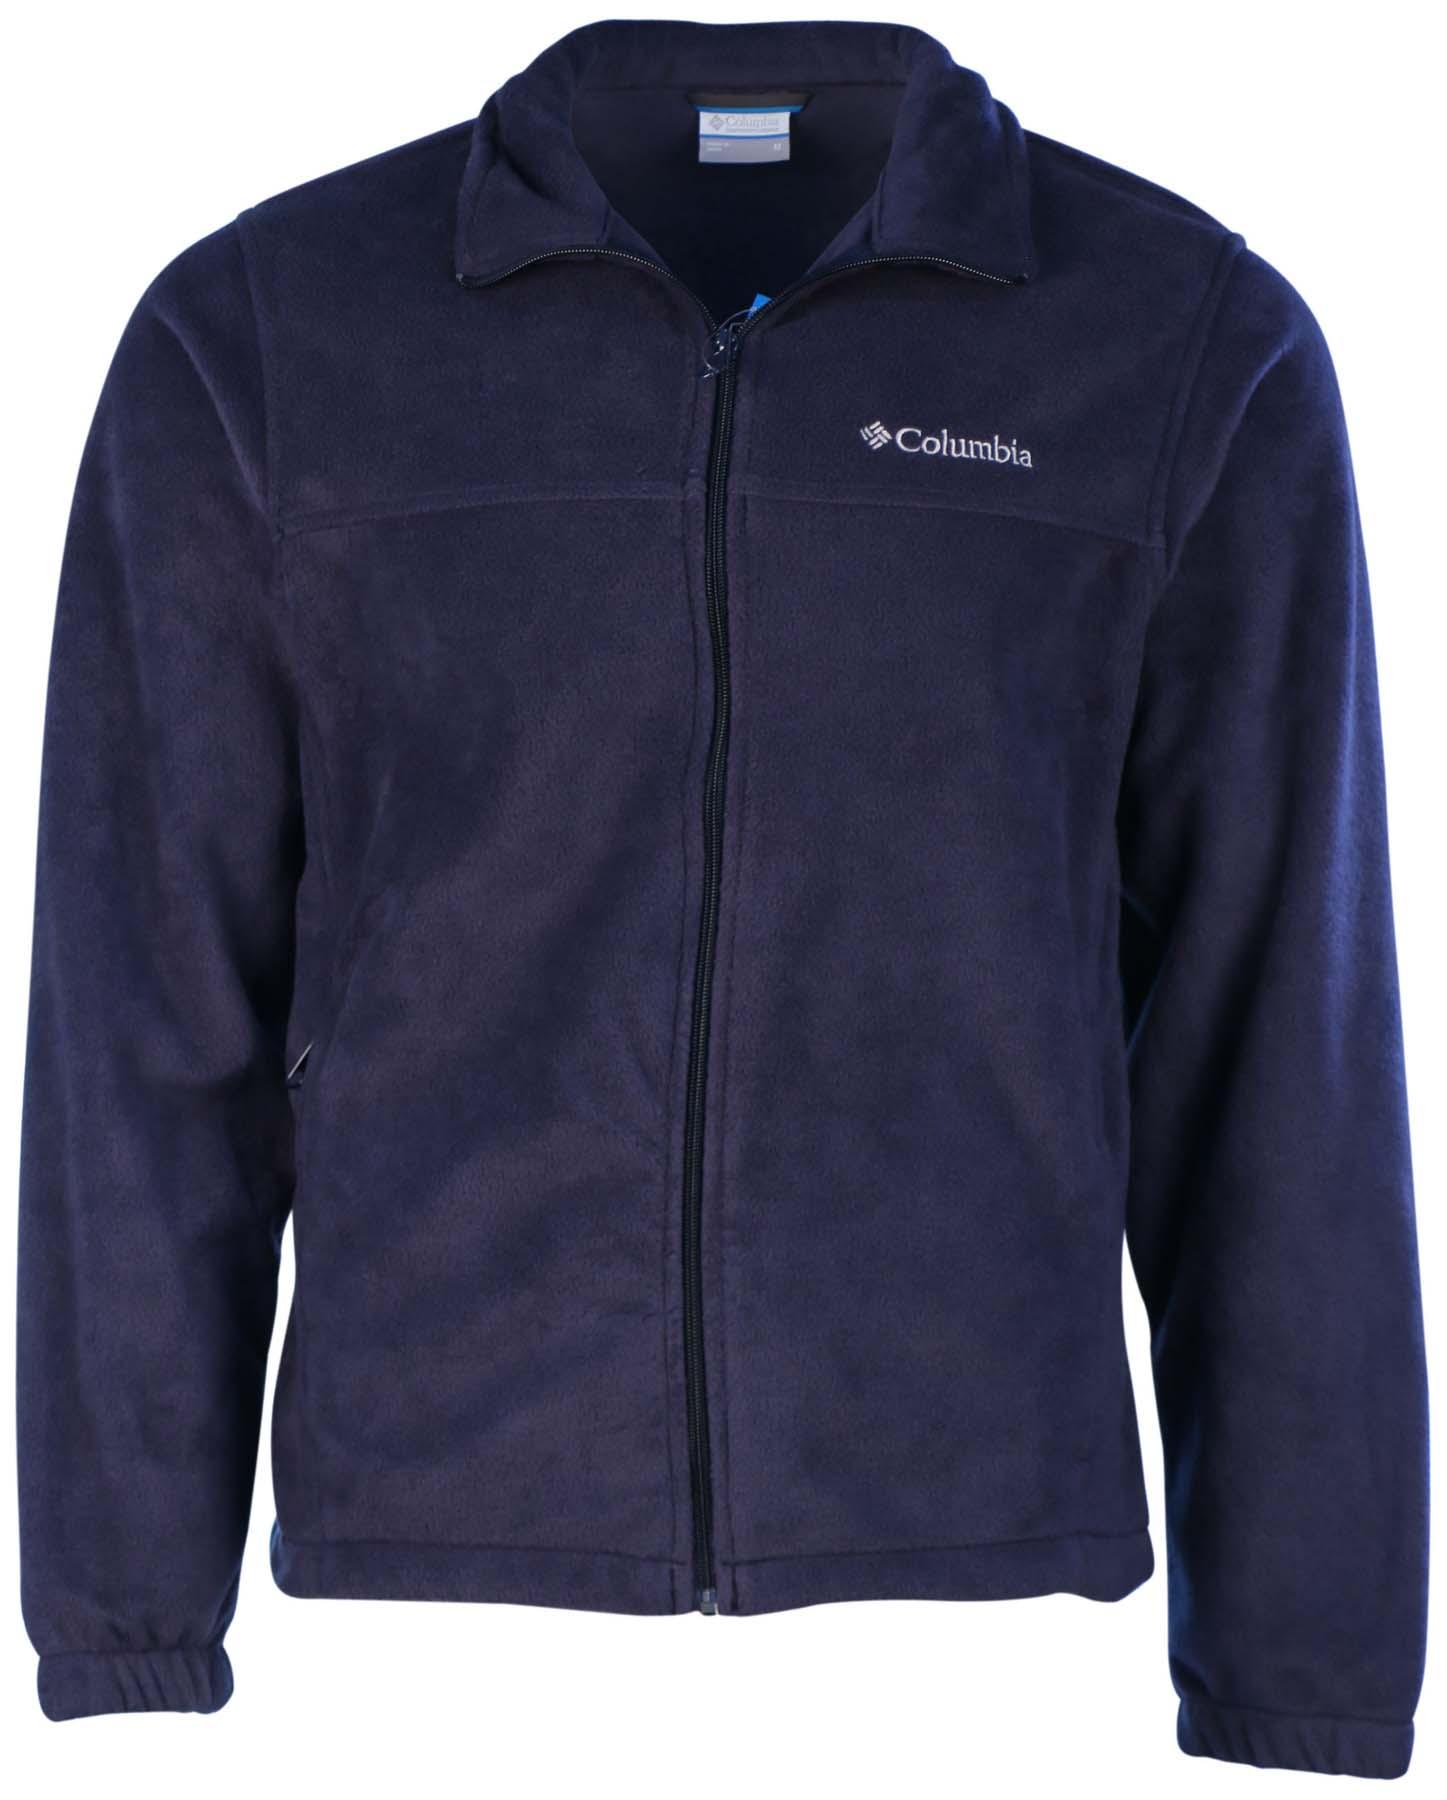 Mens jacket fleece - Picture 15 Of 17